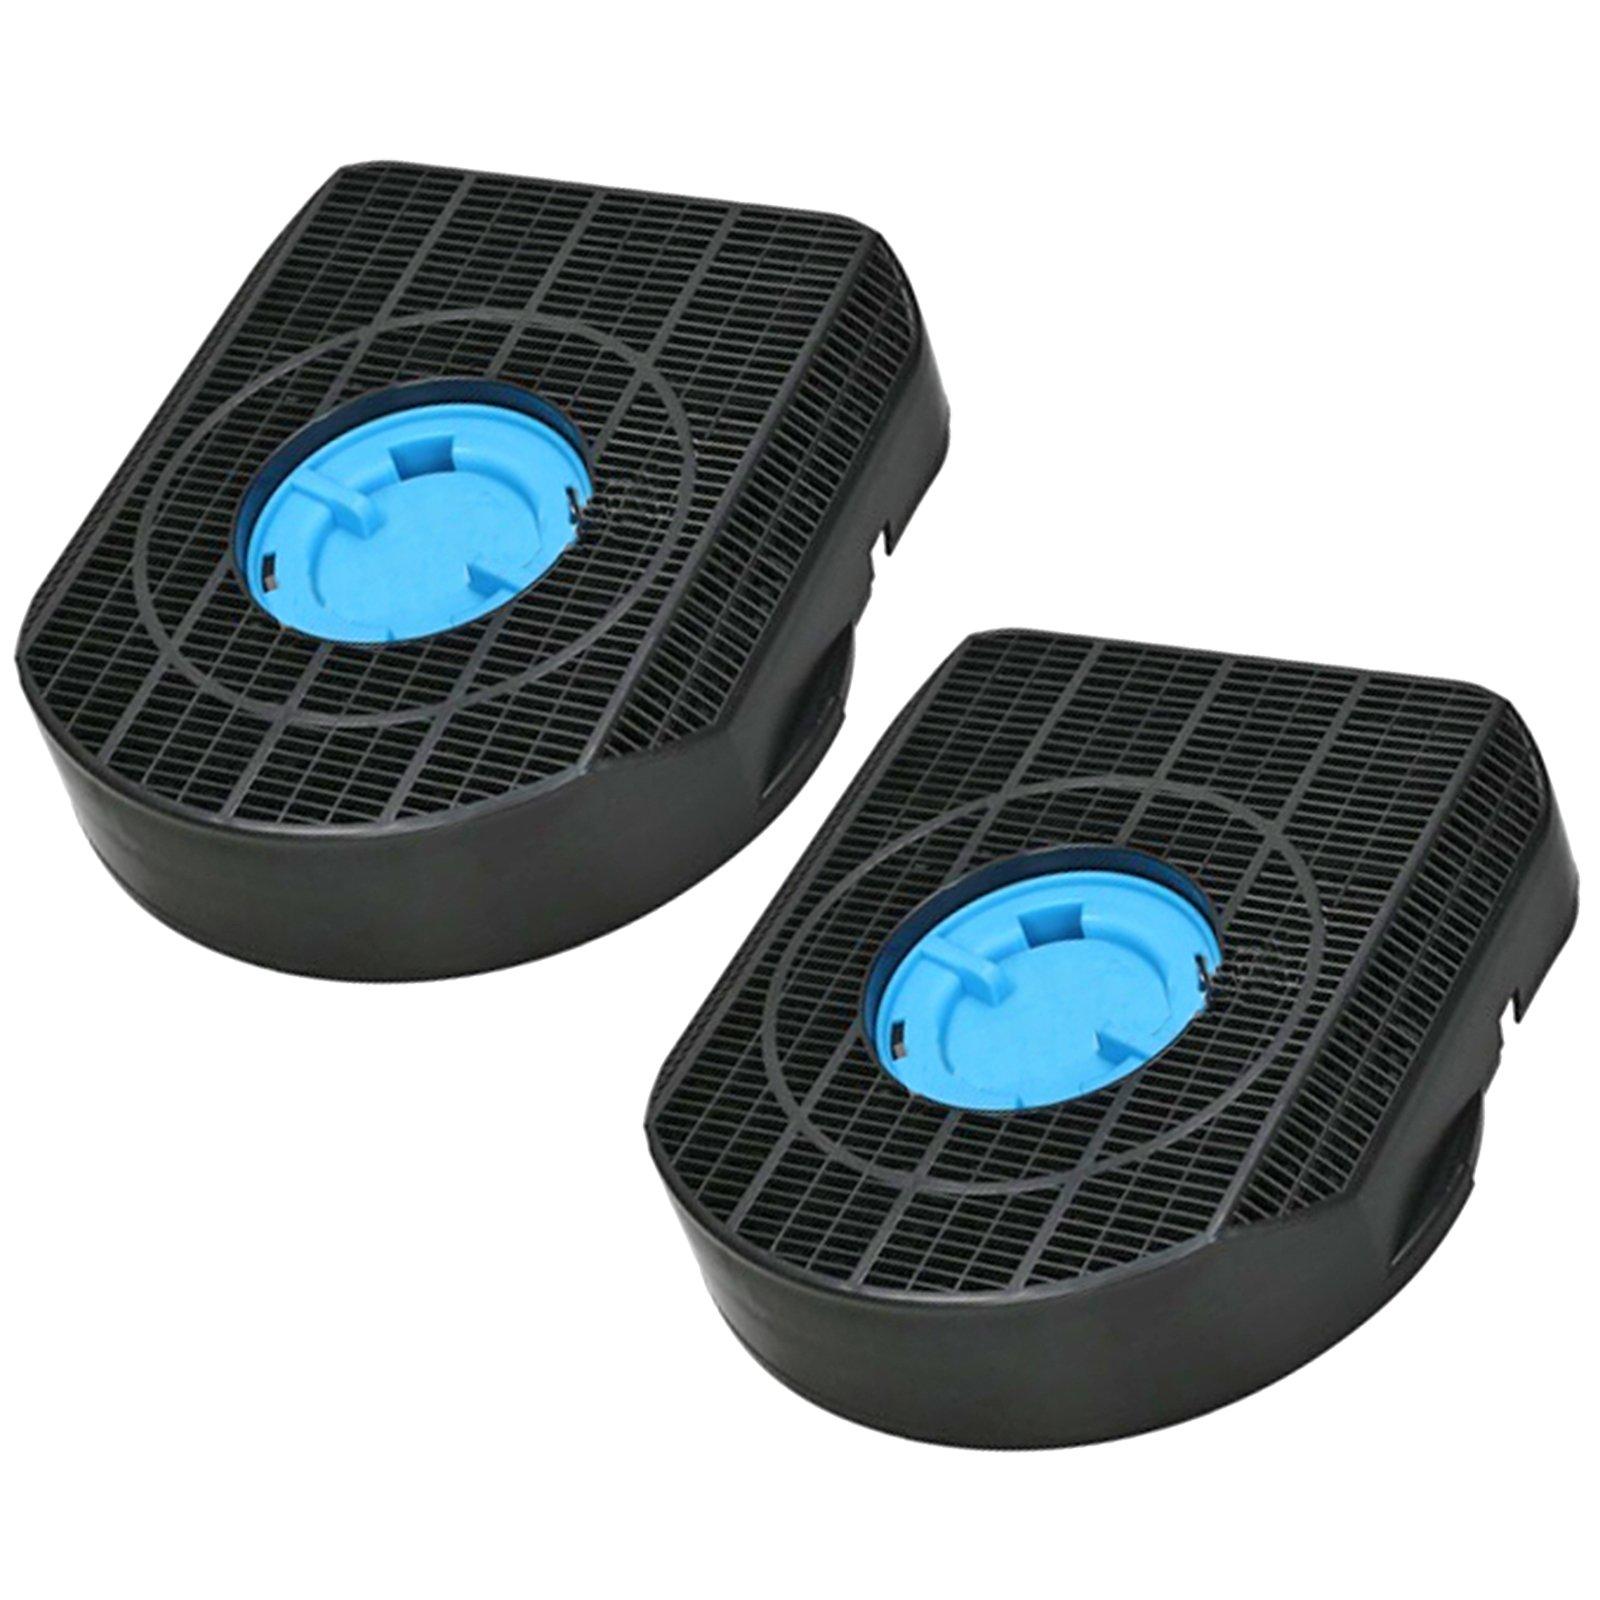 Spares2go CHF200/1 - Filtro de carbono para extractor de ventilación de campana de cocina Scholtes (2 unidades): Amazon.es: Hogar